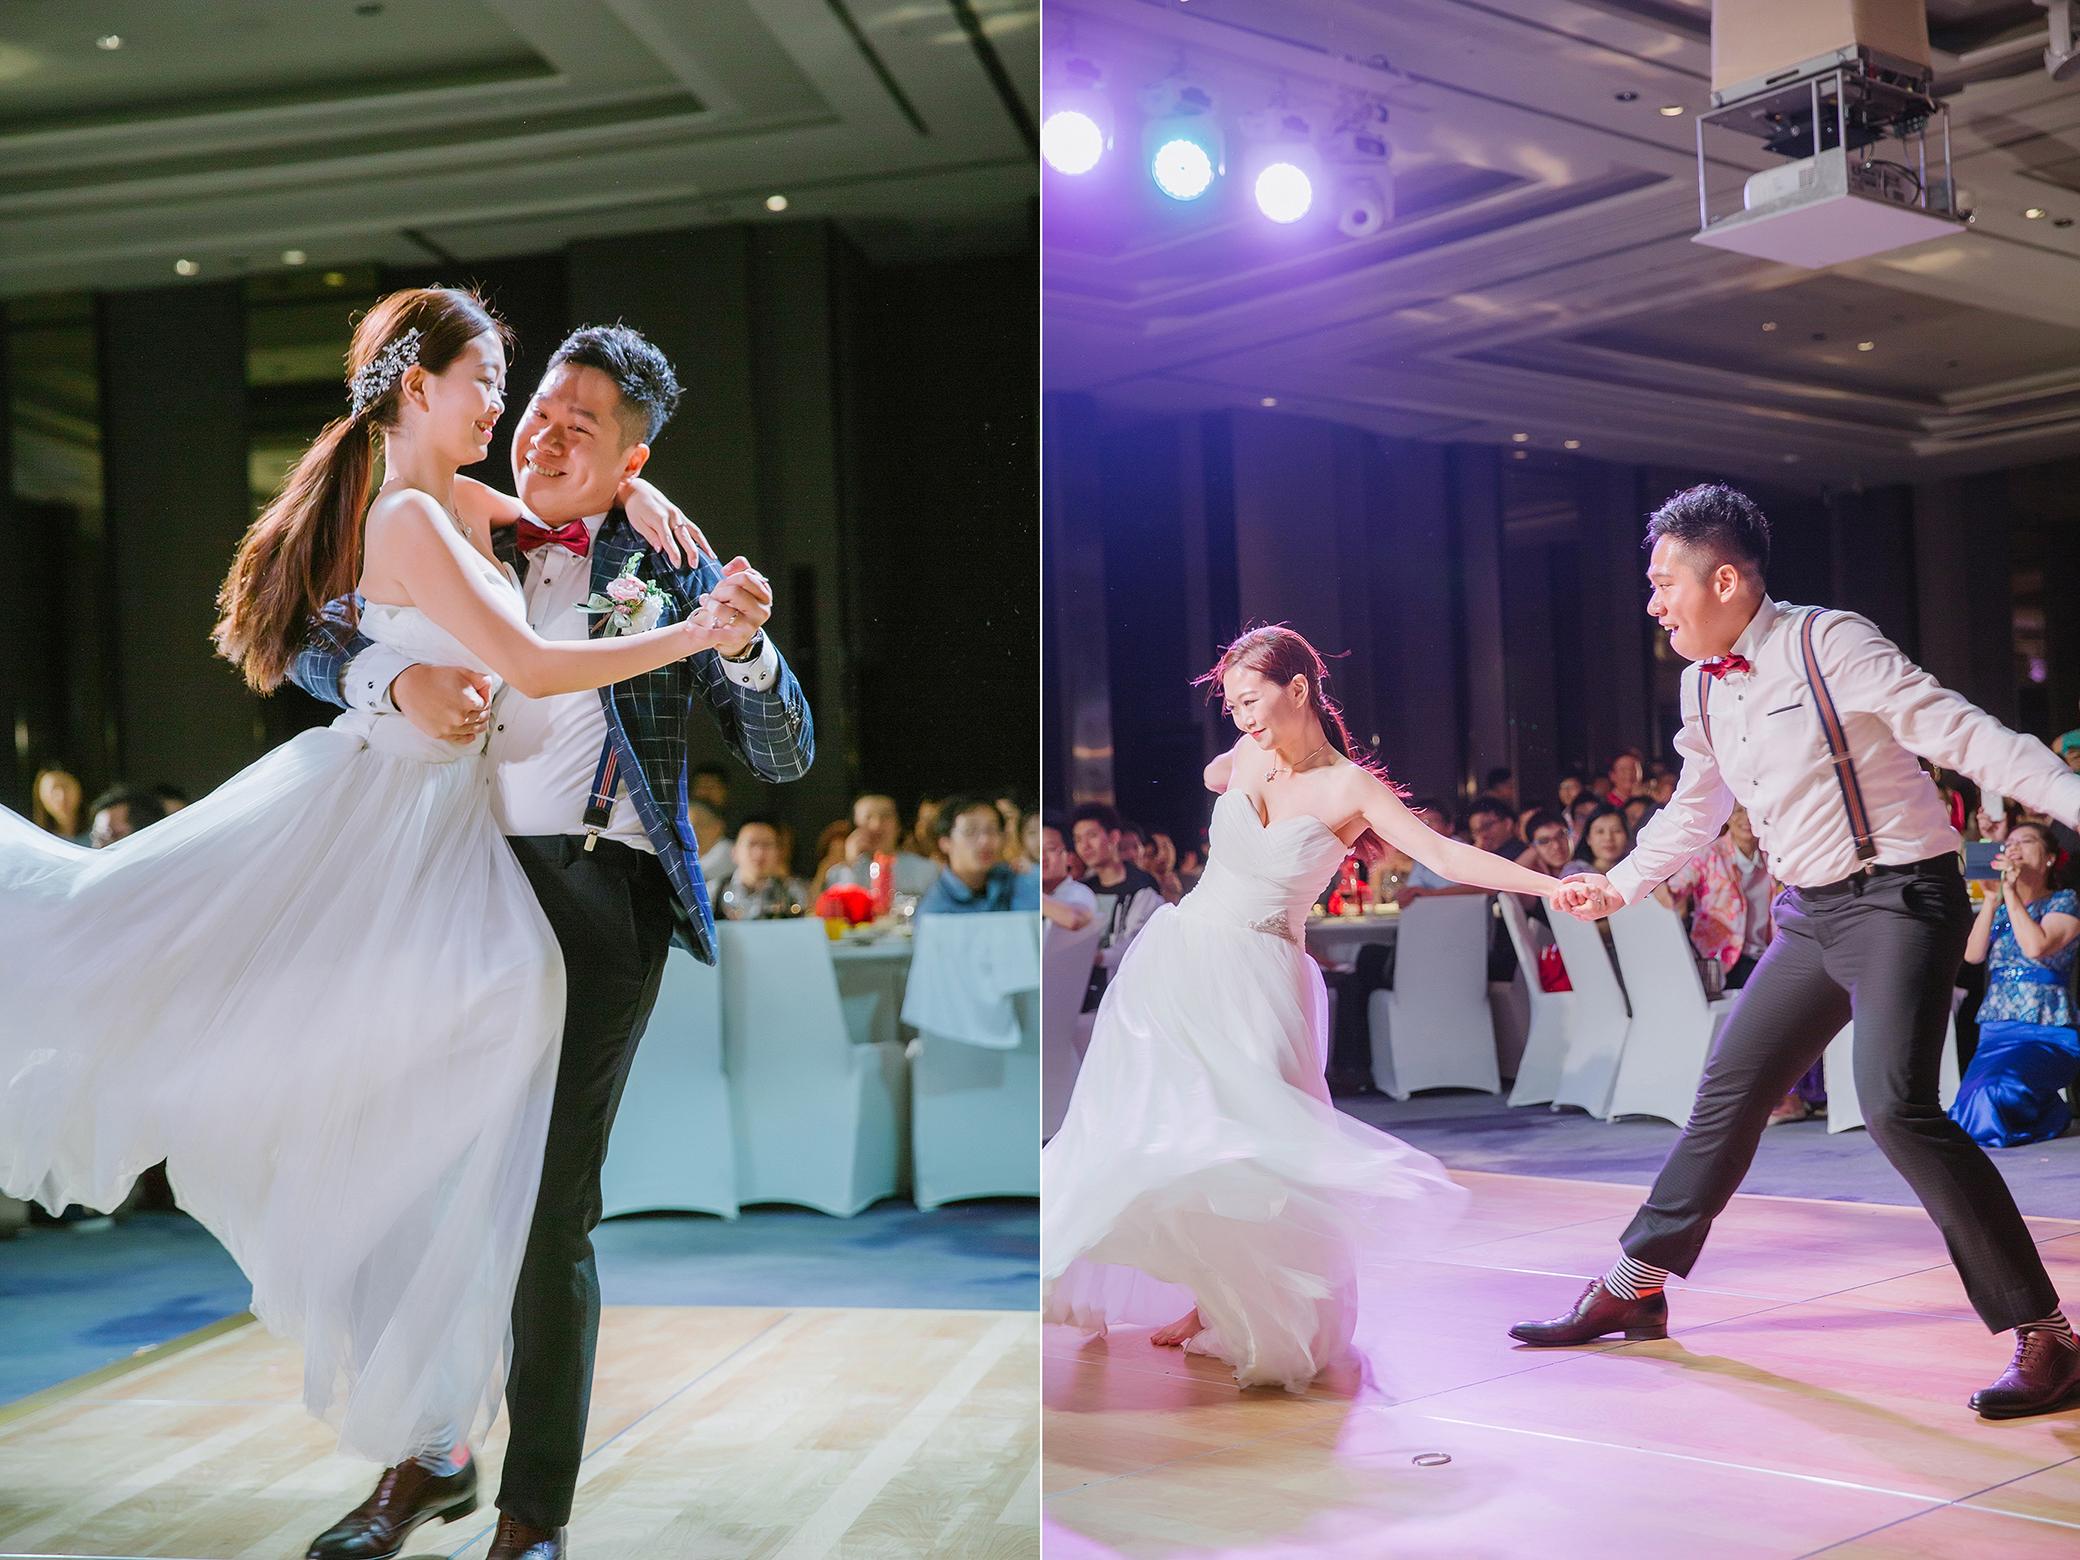 nickchang-wedding-%e5%af%92%e8%88%8d%e8%89%be%e9%ba%97-fineart-57